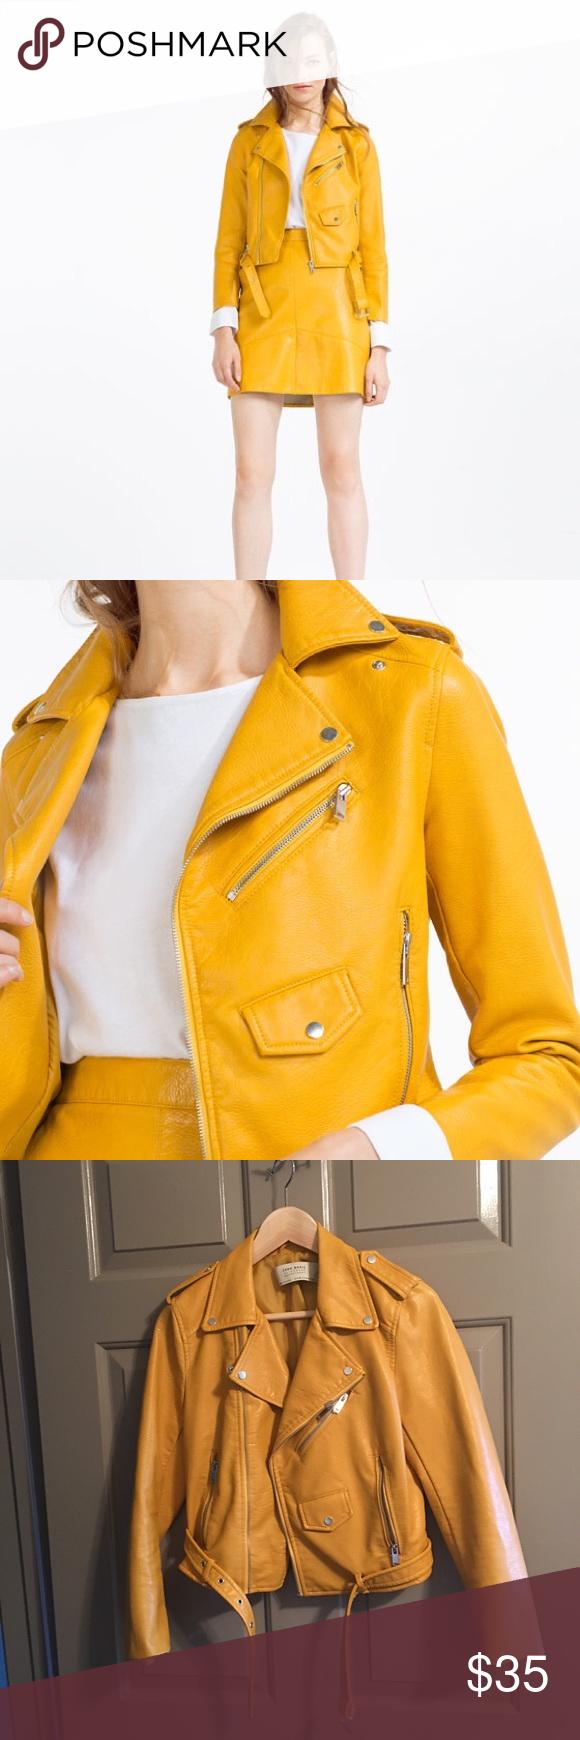 Faux leather jacket Leather jacket, Jackets, Zara jackets